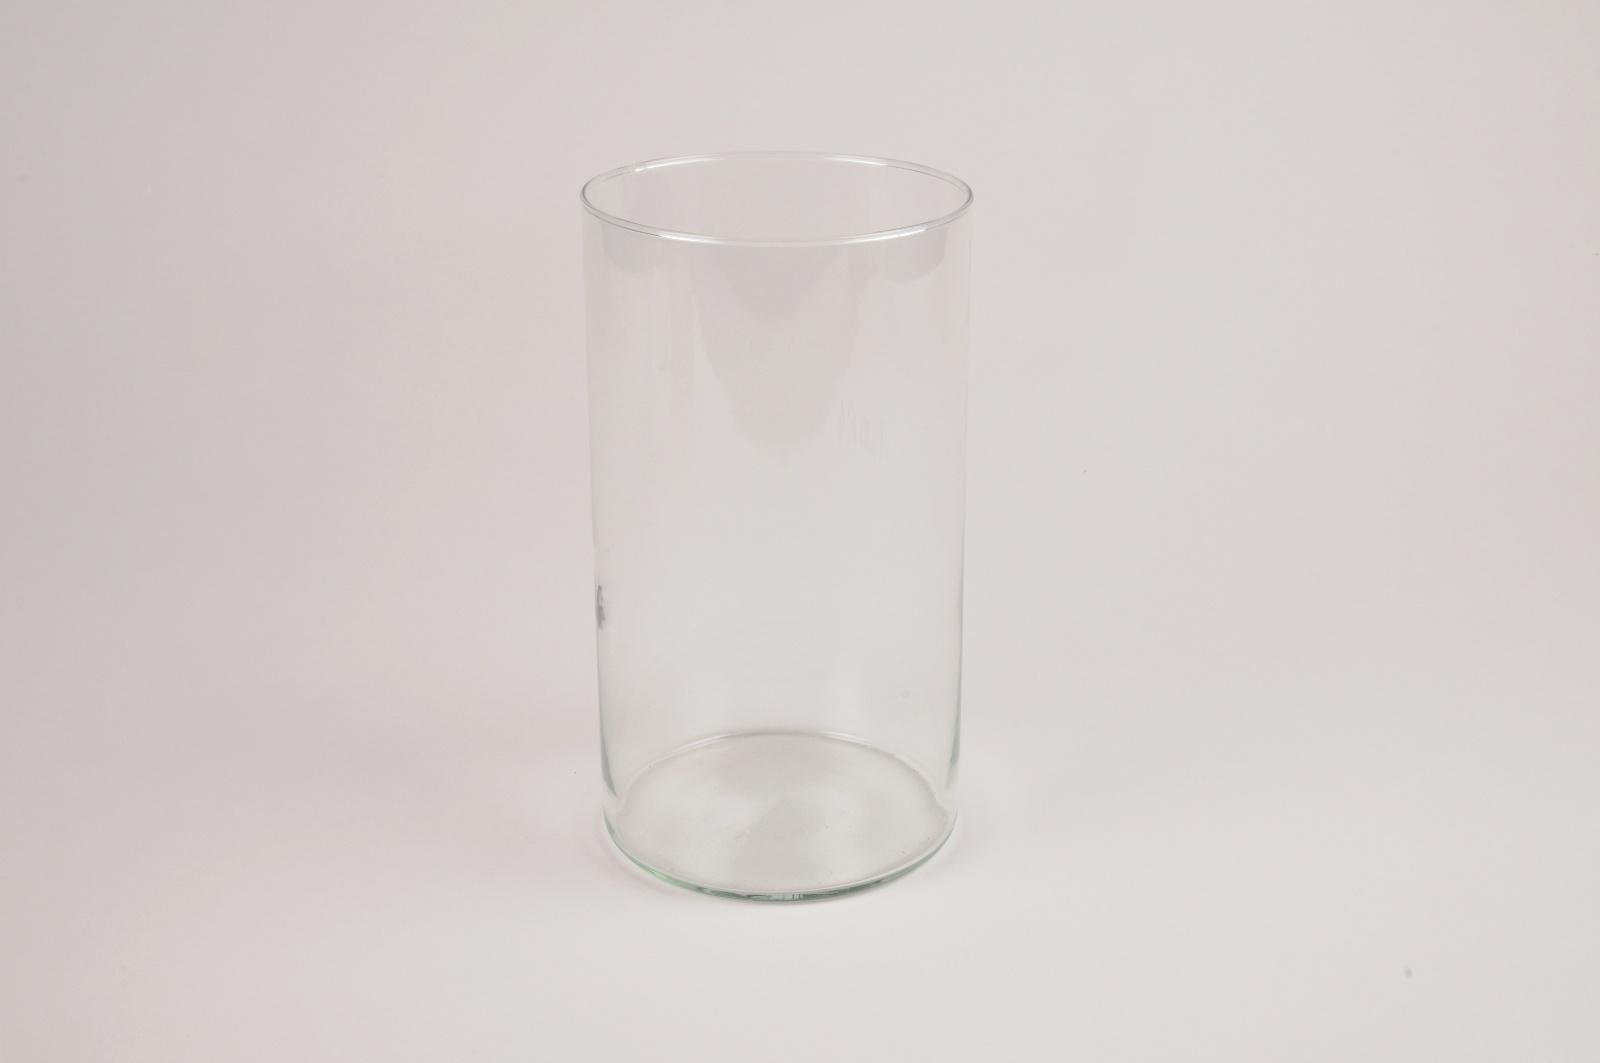 A081R4 Vase cylindre en verre D11cm H20cm